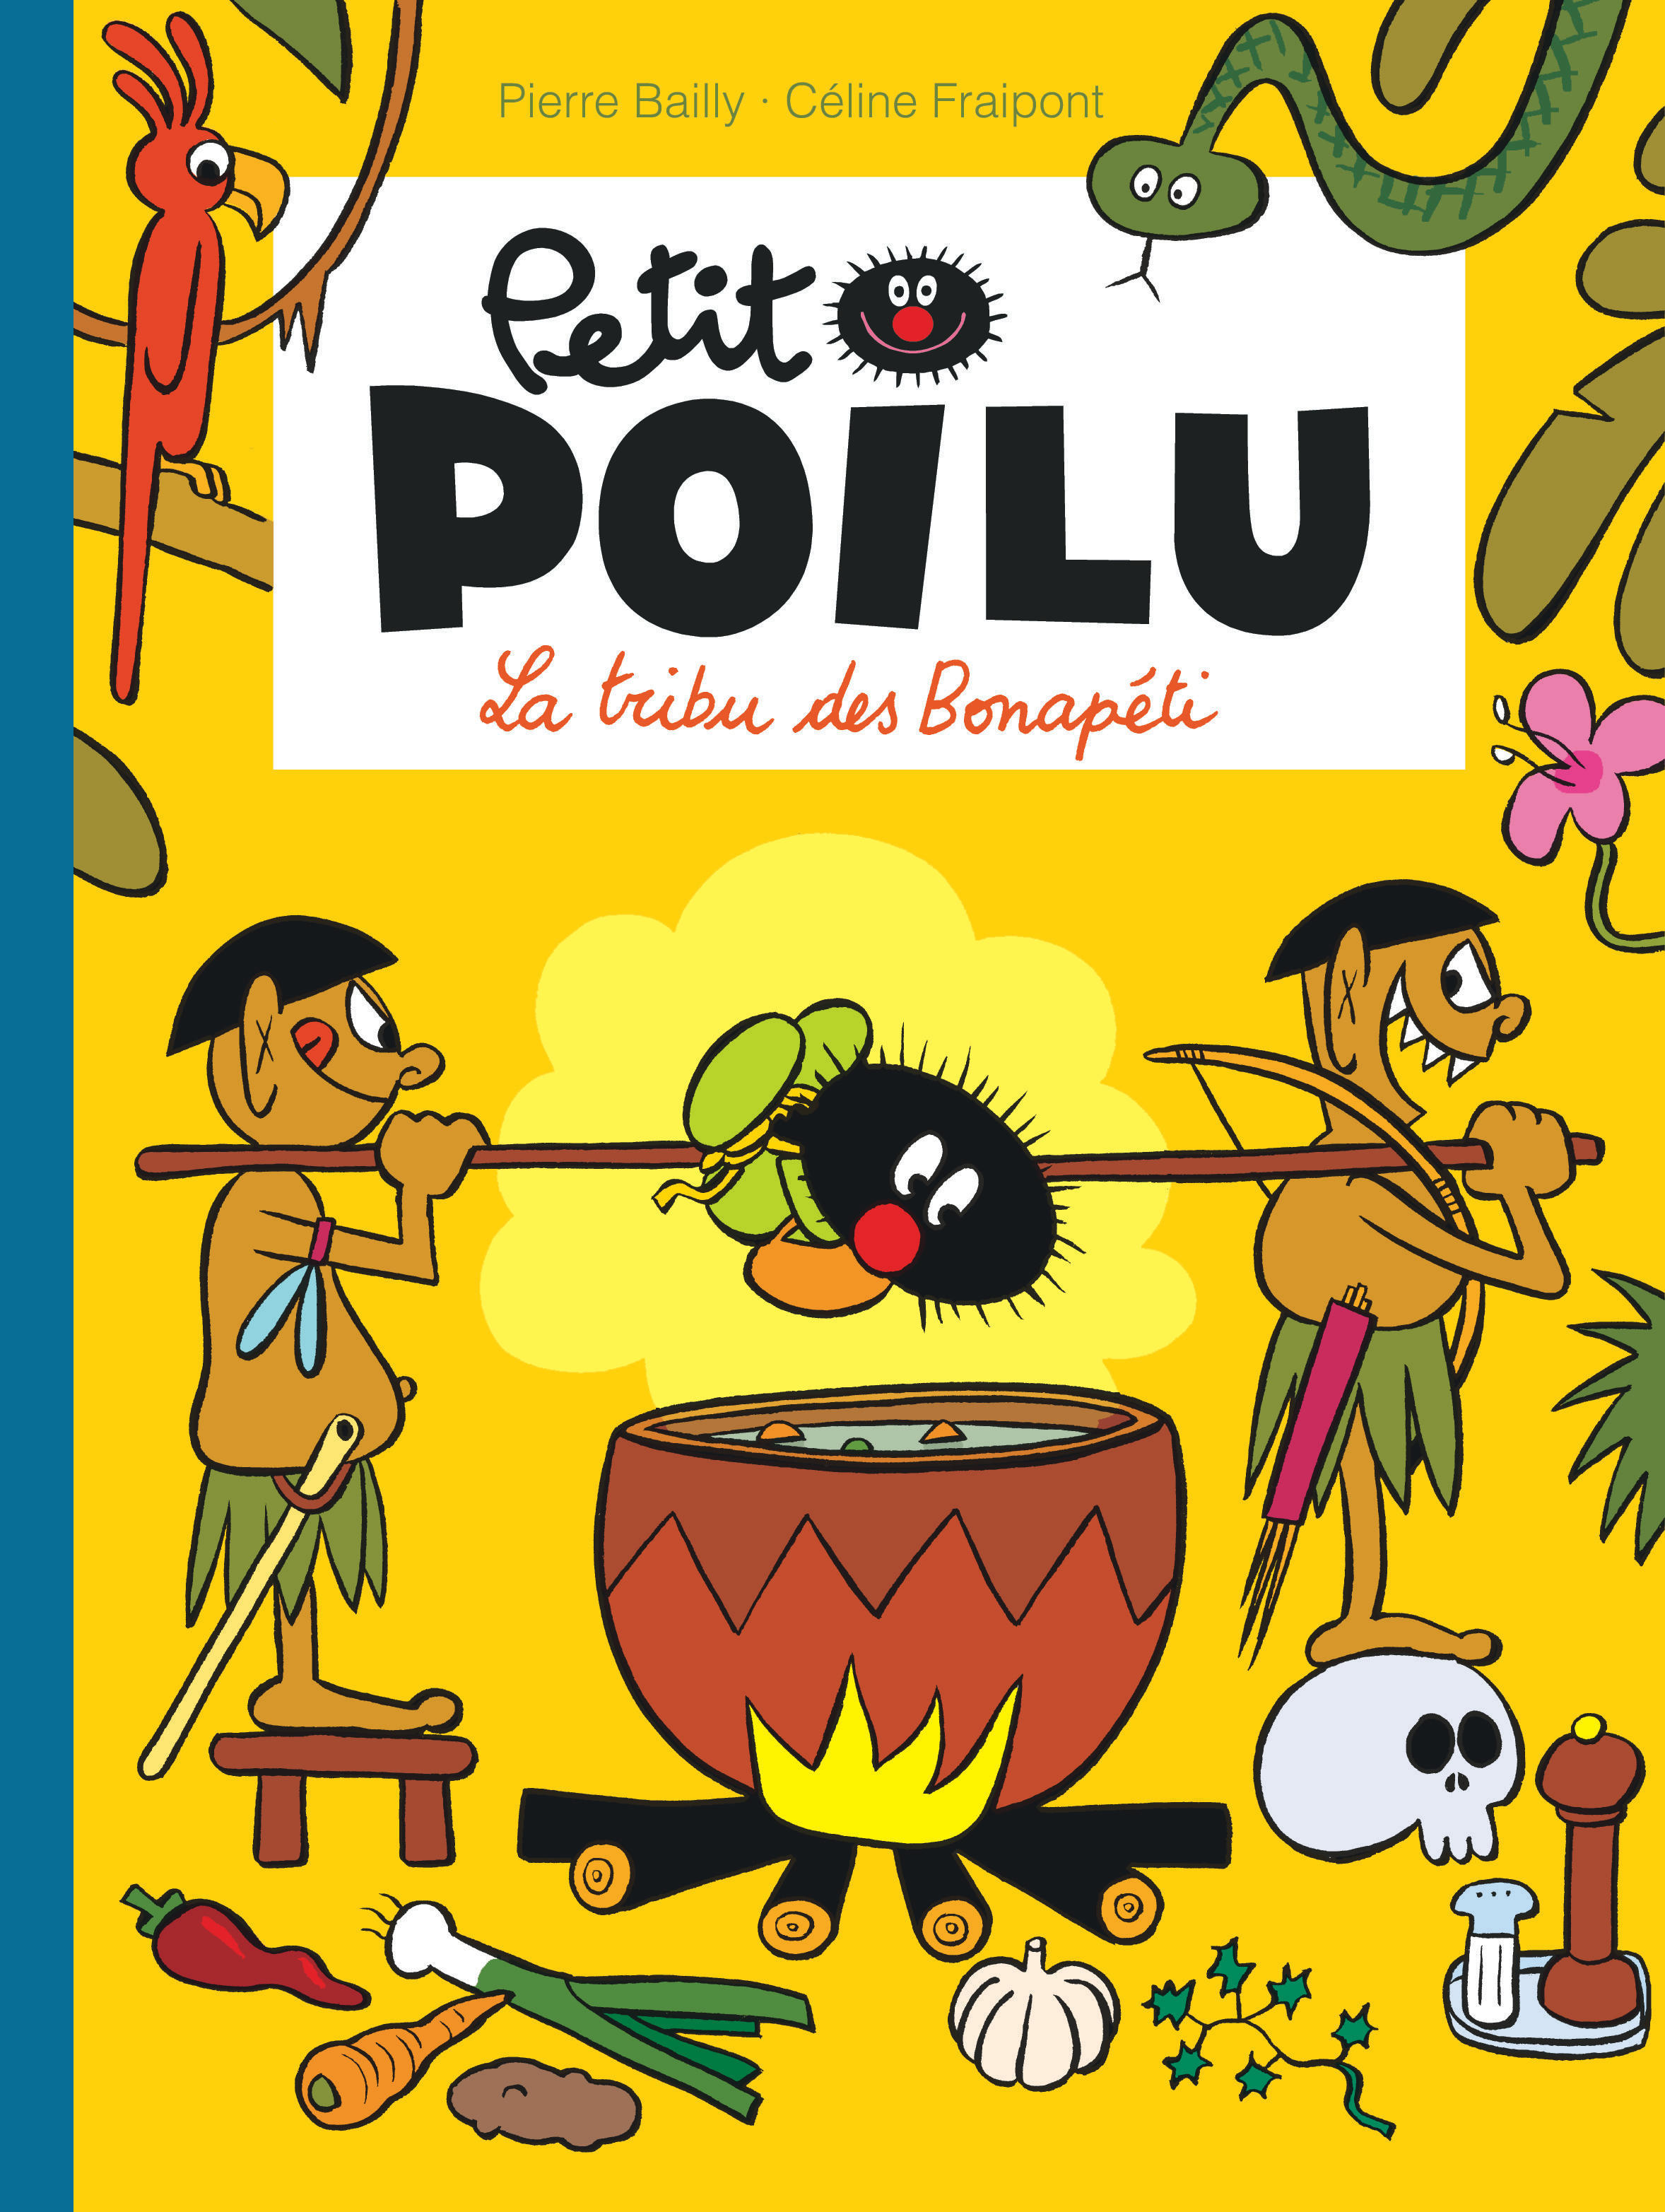 PETIT POILU - TOME 5 - LA TRIBU DES BONAPETI NOUVELLE MAQUETTE